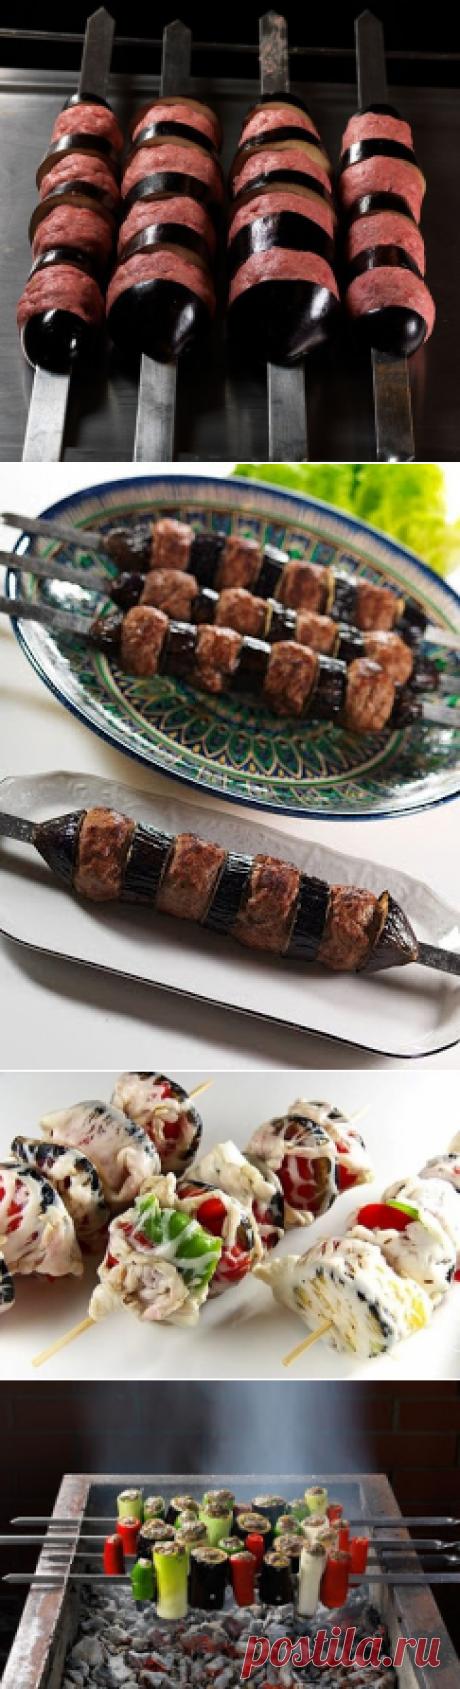 Овощи на шампурах:идеи, рецепты, советы - Праздничный мир